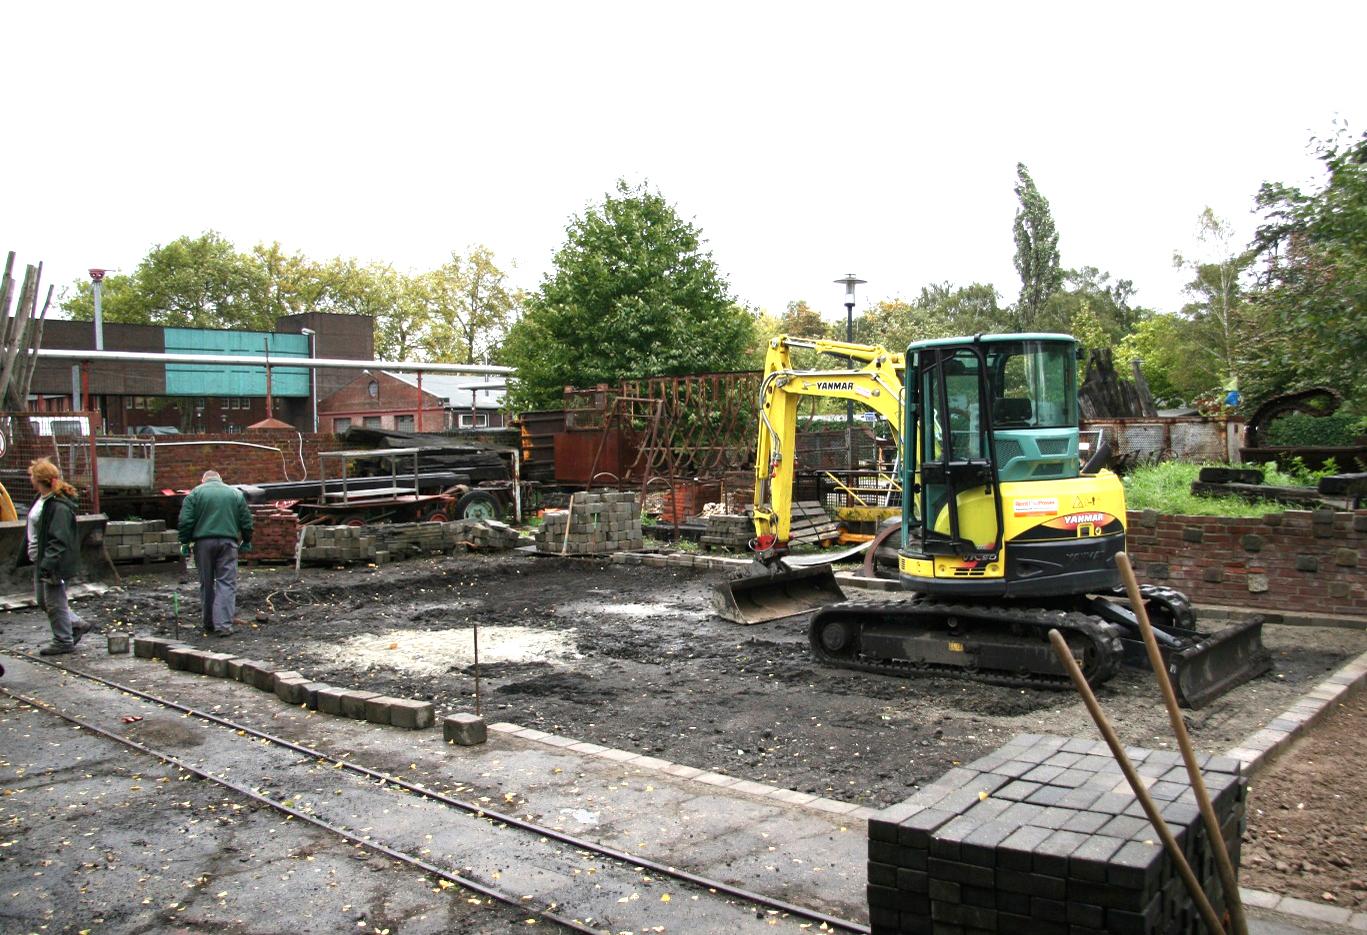 Eine Fläche wird mit einem Bagger geebnet. Steine für die nachfolgende Pflasterung liegen bereit.